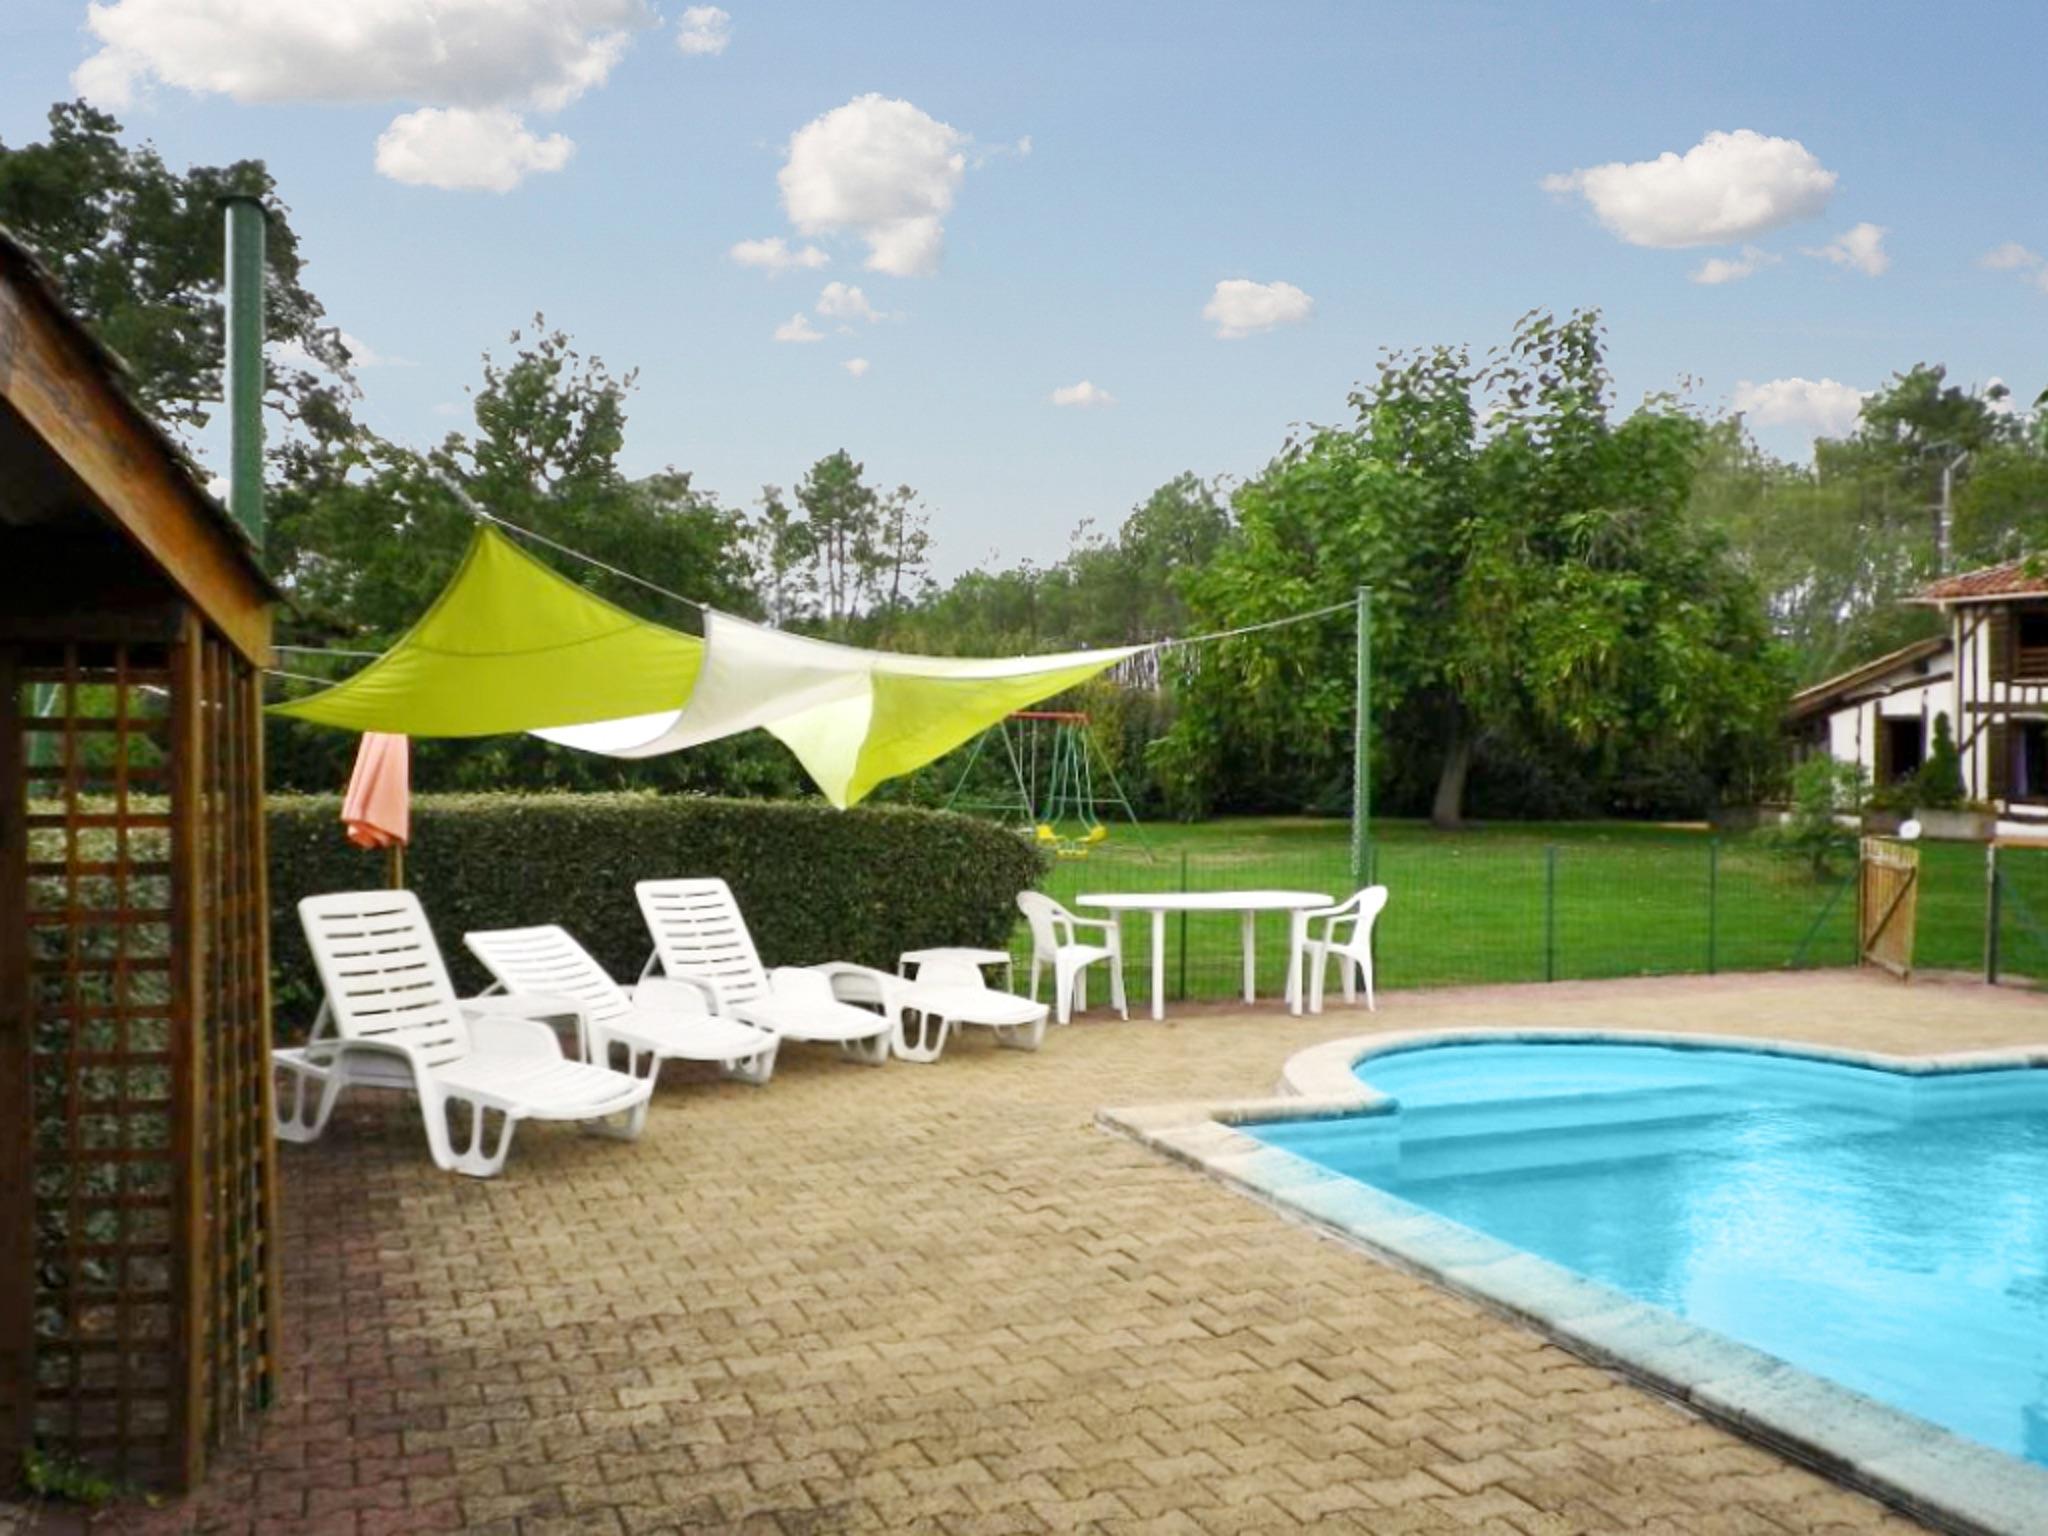 Ferienhaus Villa mit 4 Zimmern in Trensacq mit privatem Pool und möbliertem Garten - 45 km vom Strand (2202366), Trensacq, Landes, Aquitanien, Frankreich, Bild 23